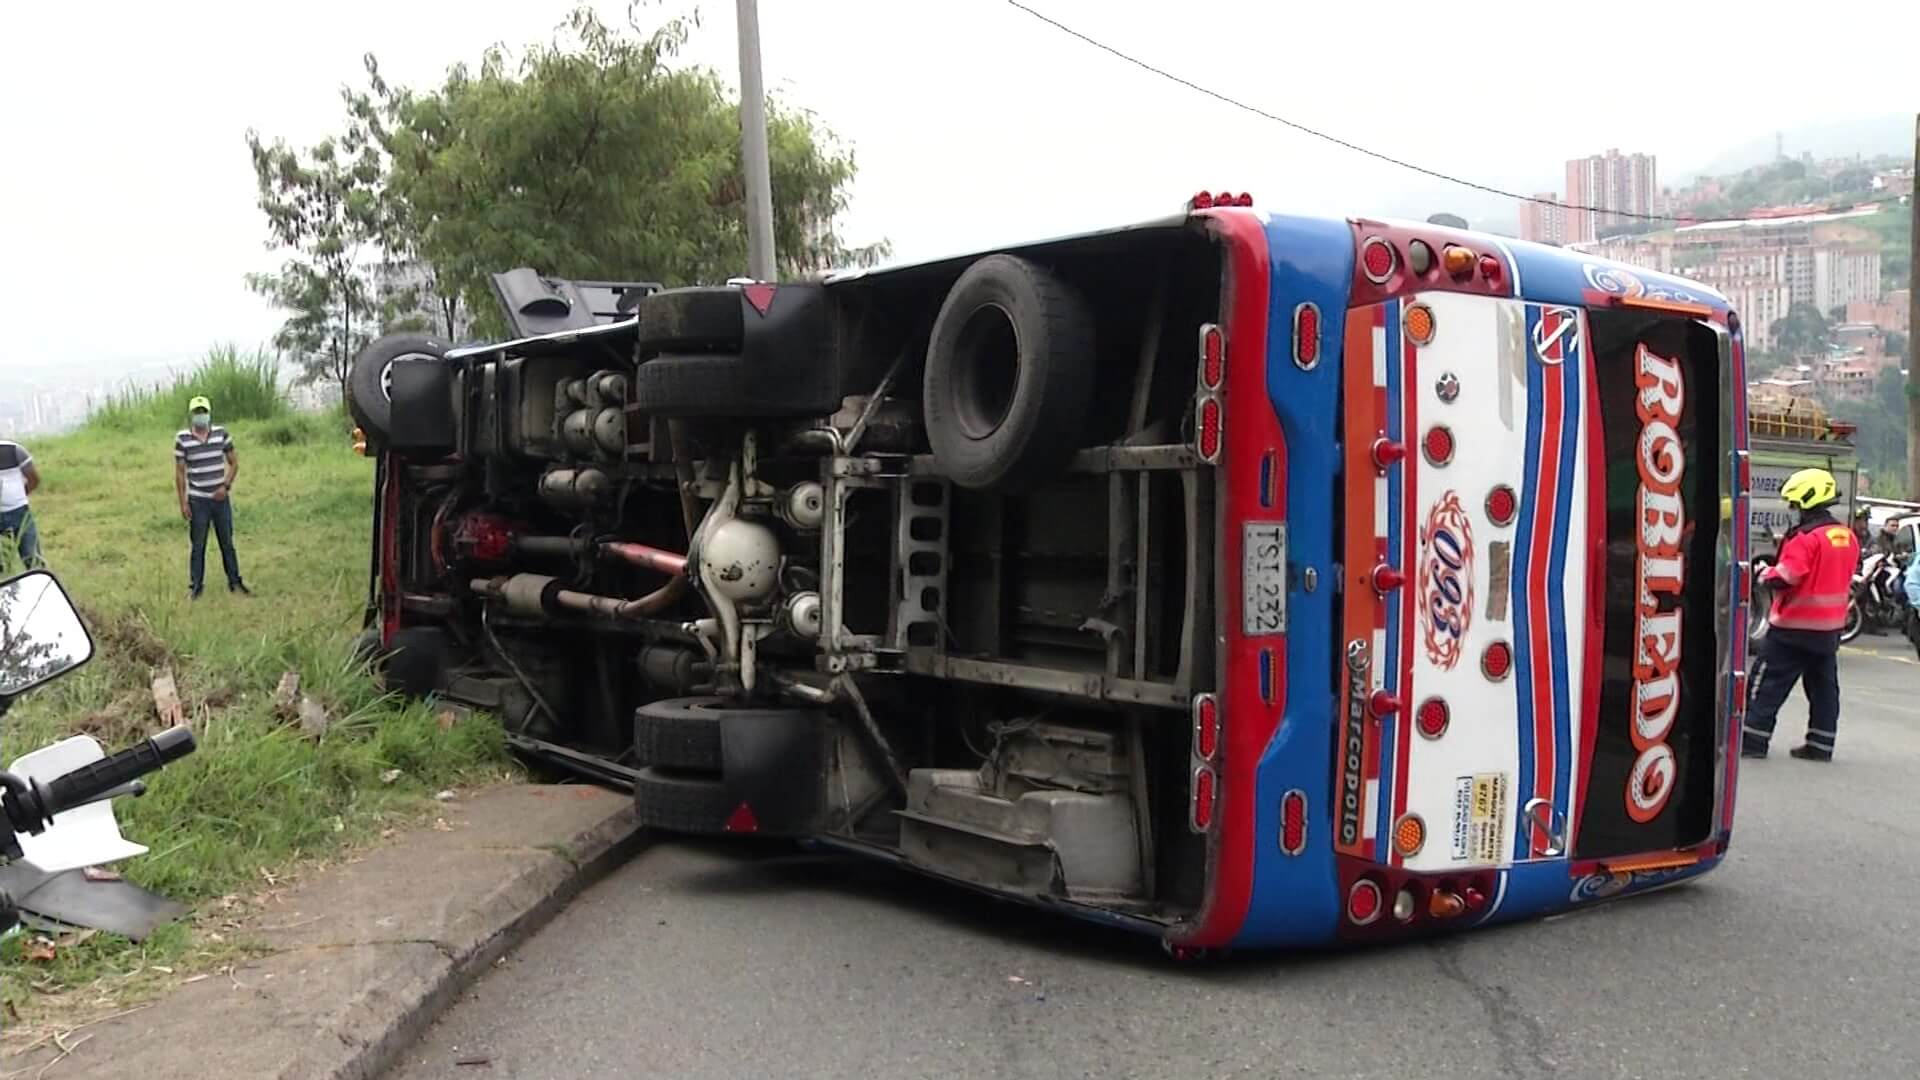 35 lesionados deja volcamiento de bus en Robledo